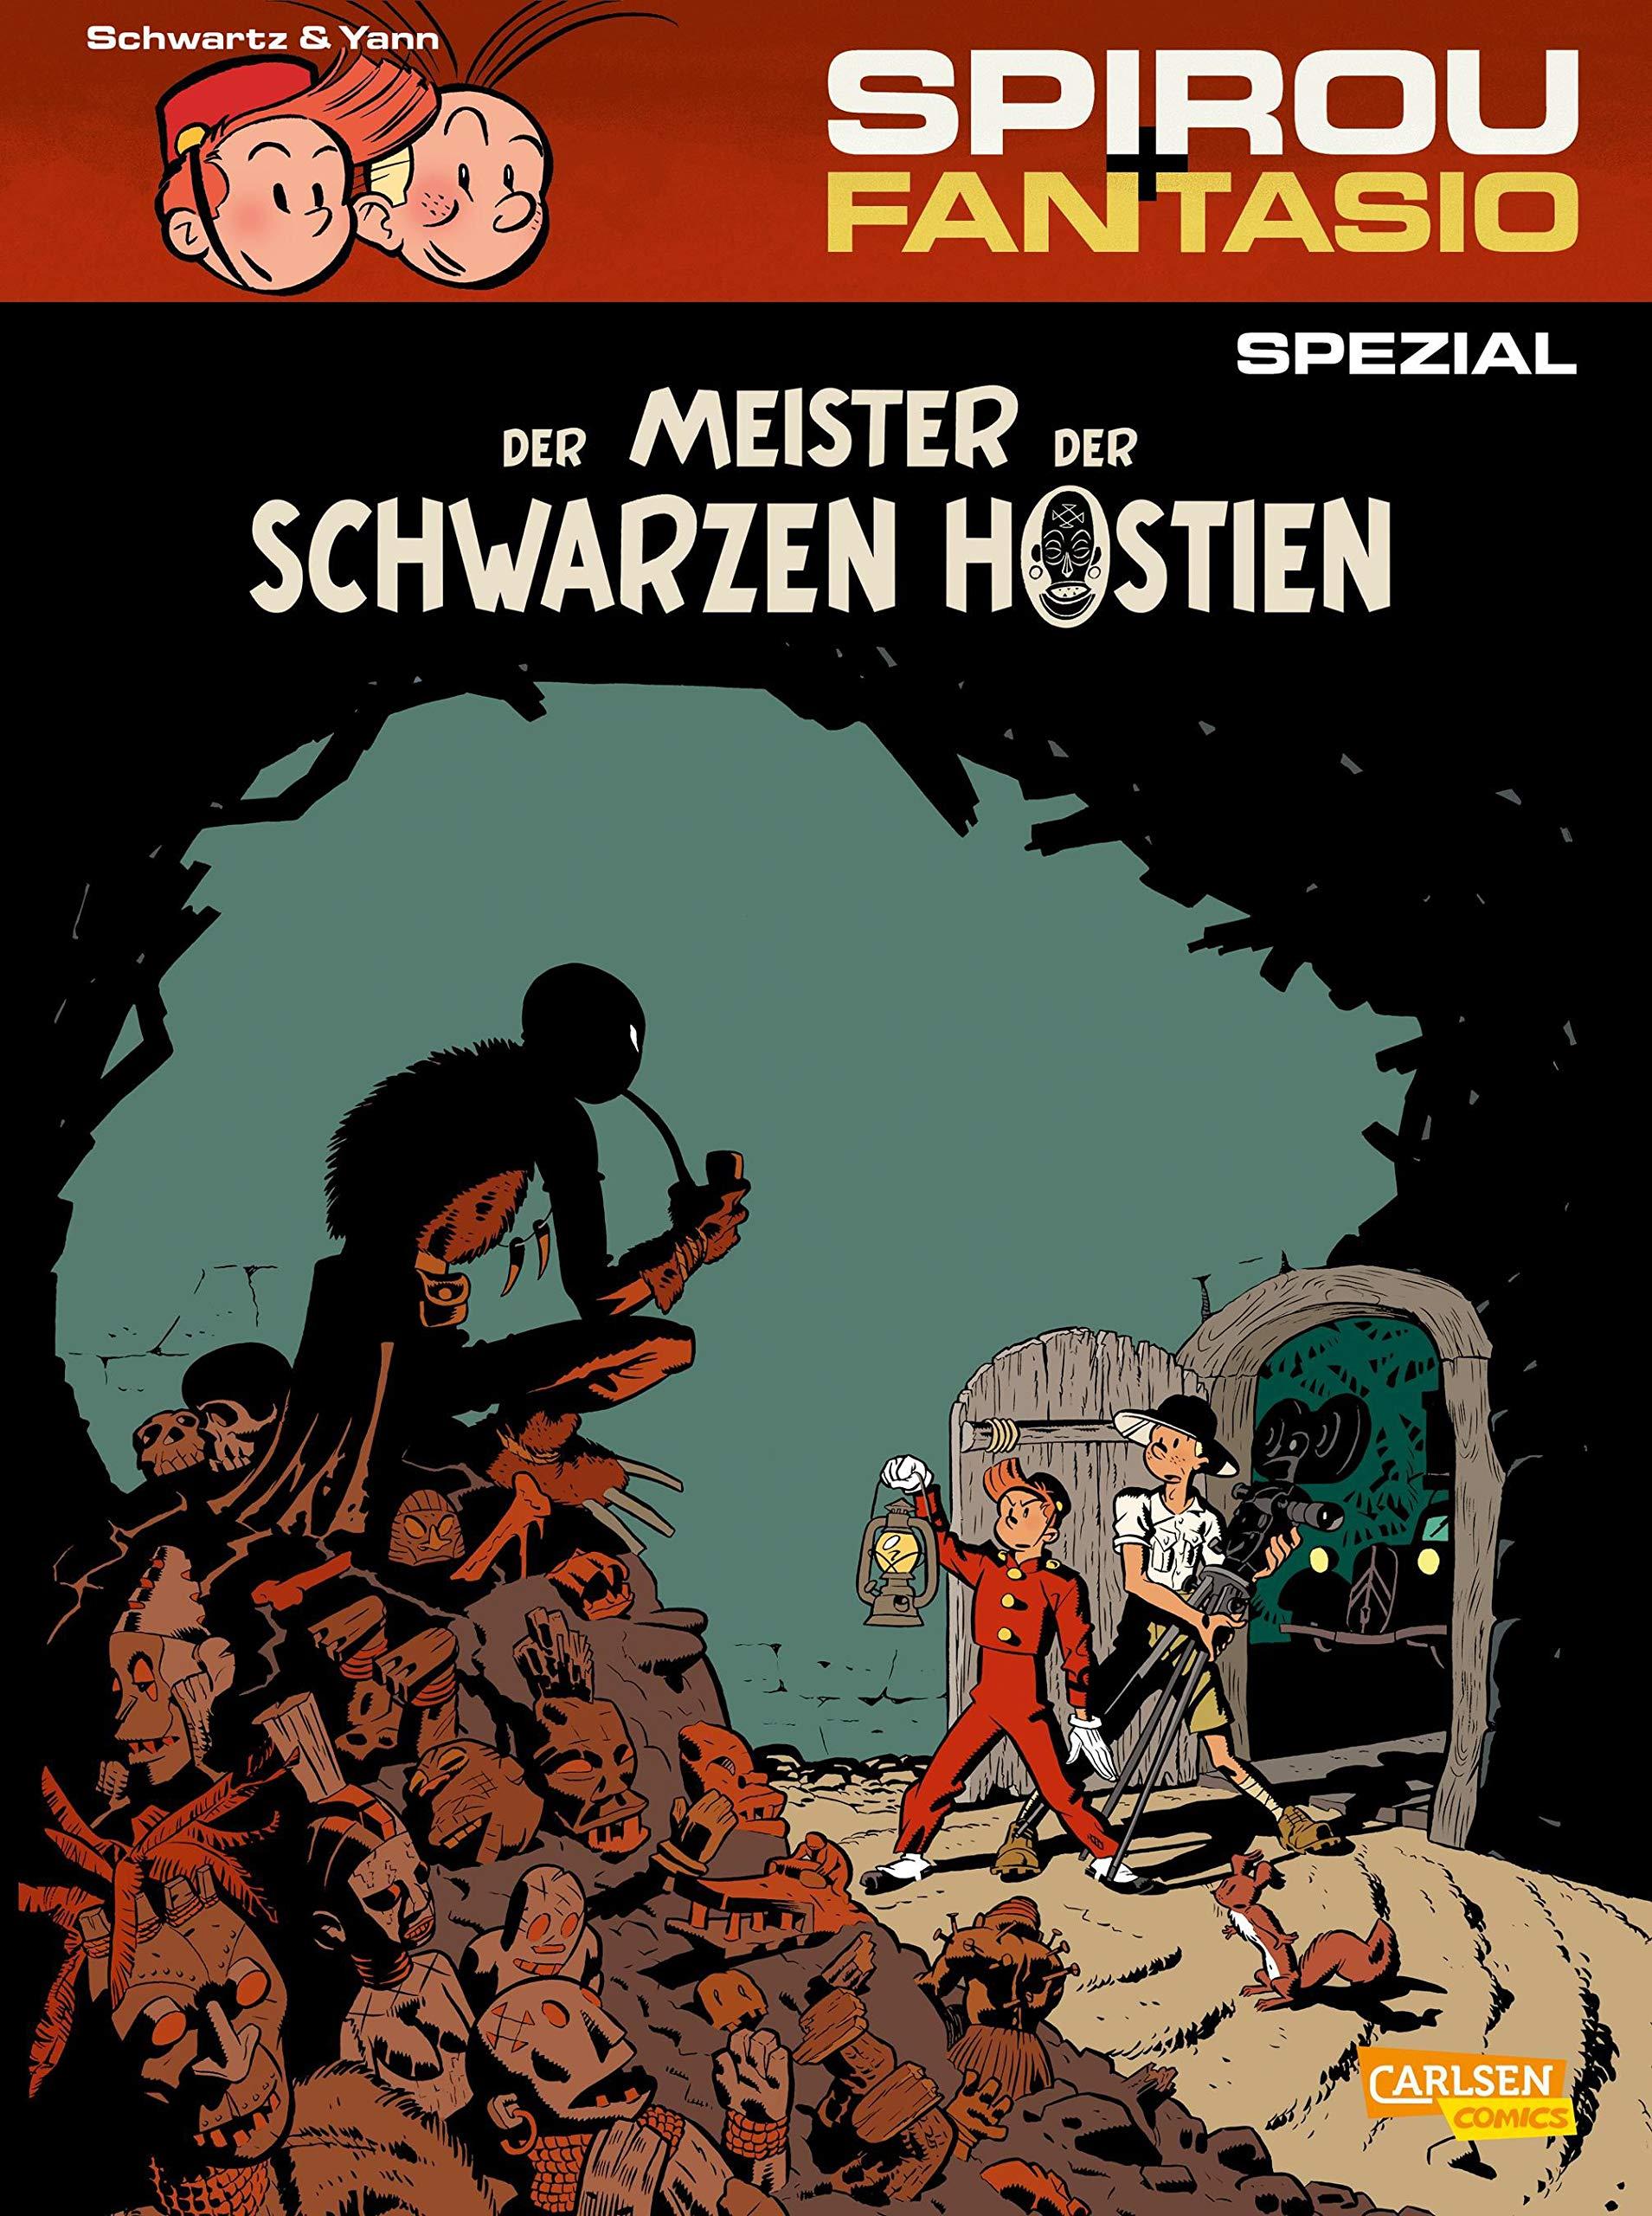 Spirou Fantasio Spezial Bd.22 Yann Deutsch Der Meister der schwarzen Hostien